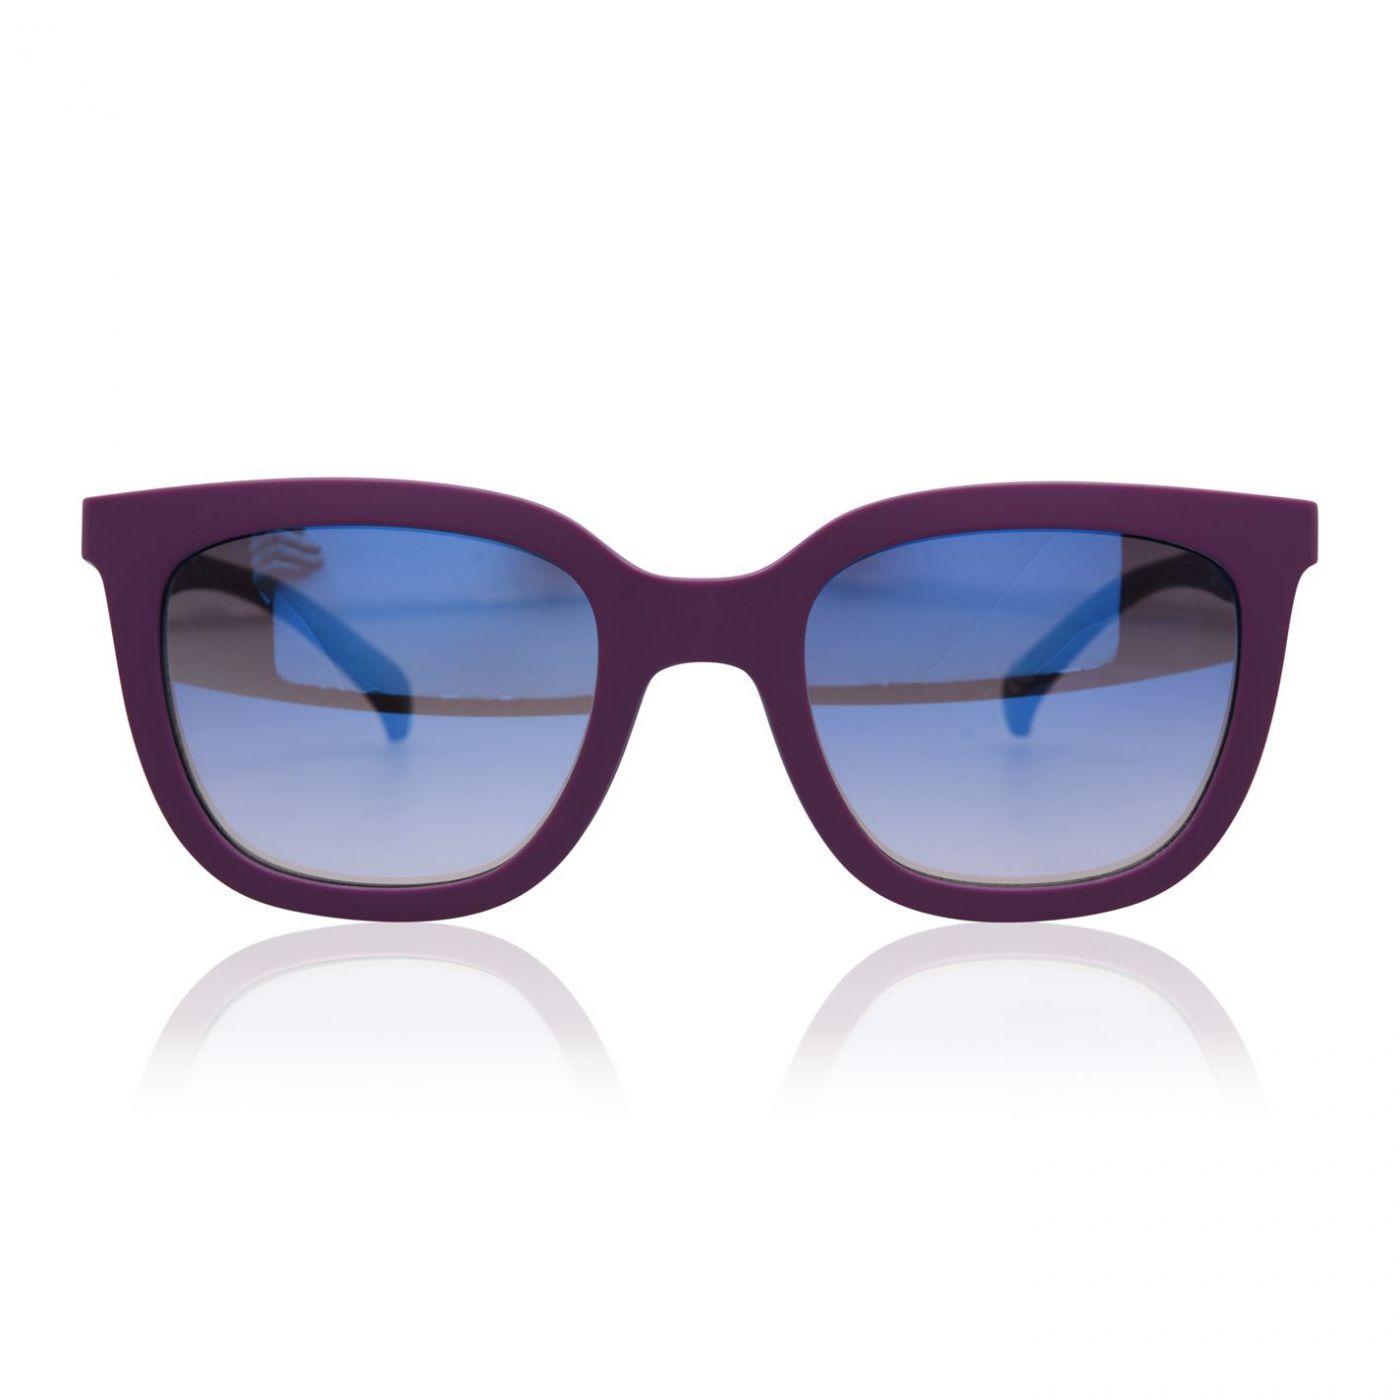 adidas Originals Original 019 Square Sunglasses Ladies